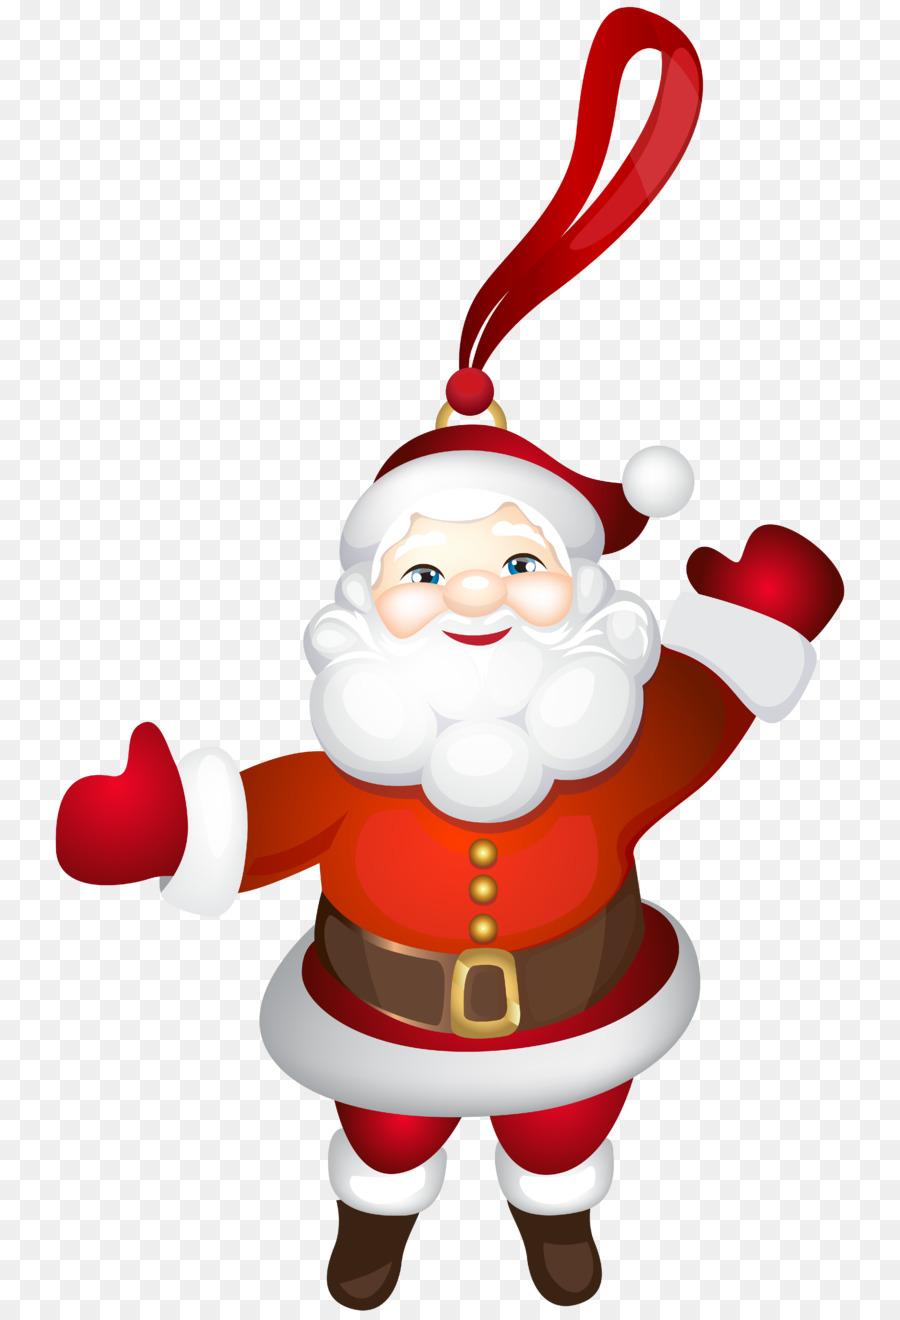 Descarga gratuita de Santa Claus, Santa Claus Village, Casa De Santa Claus Imágen de Png